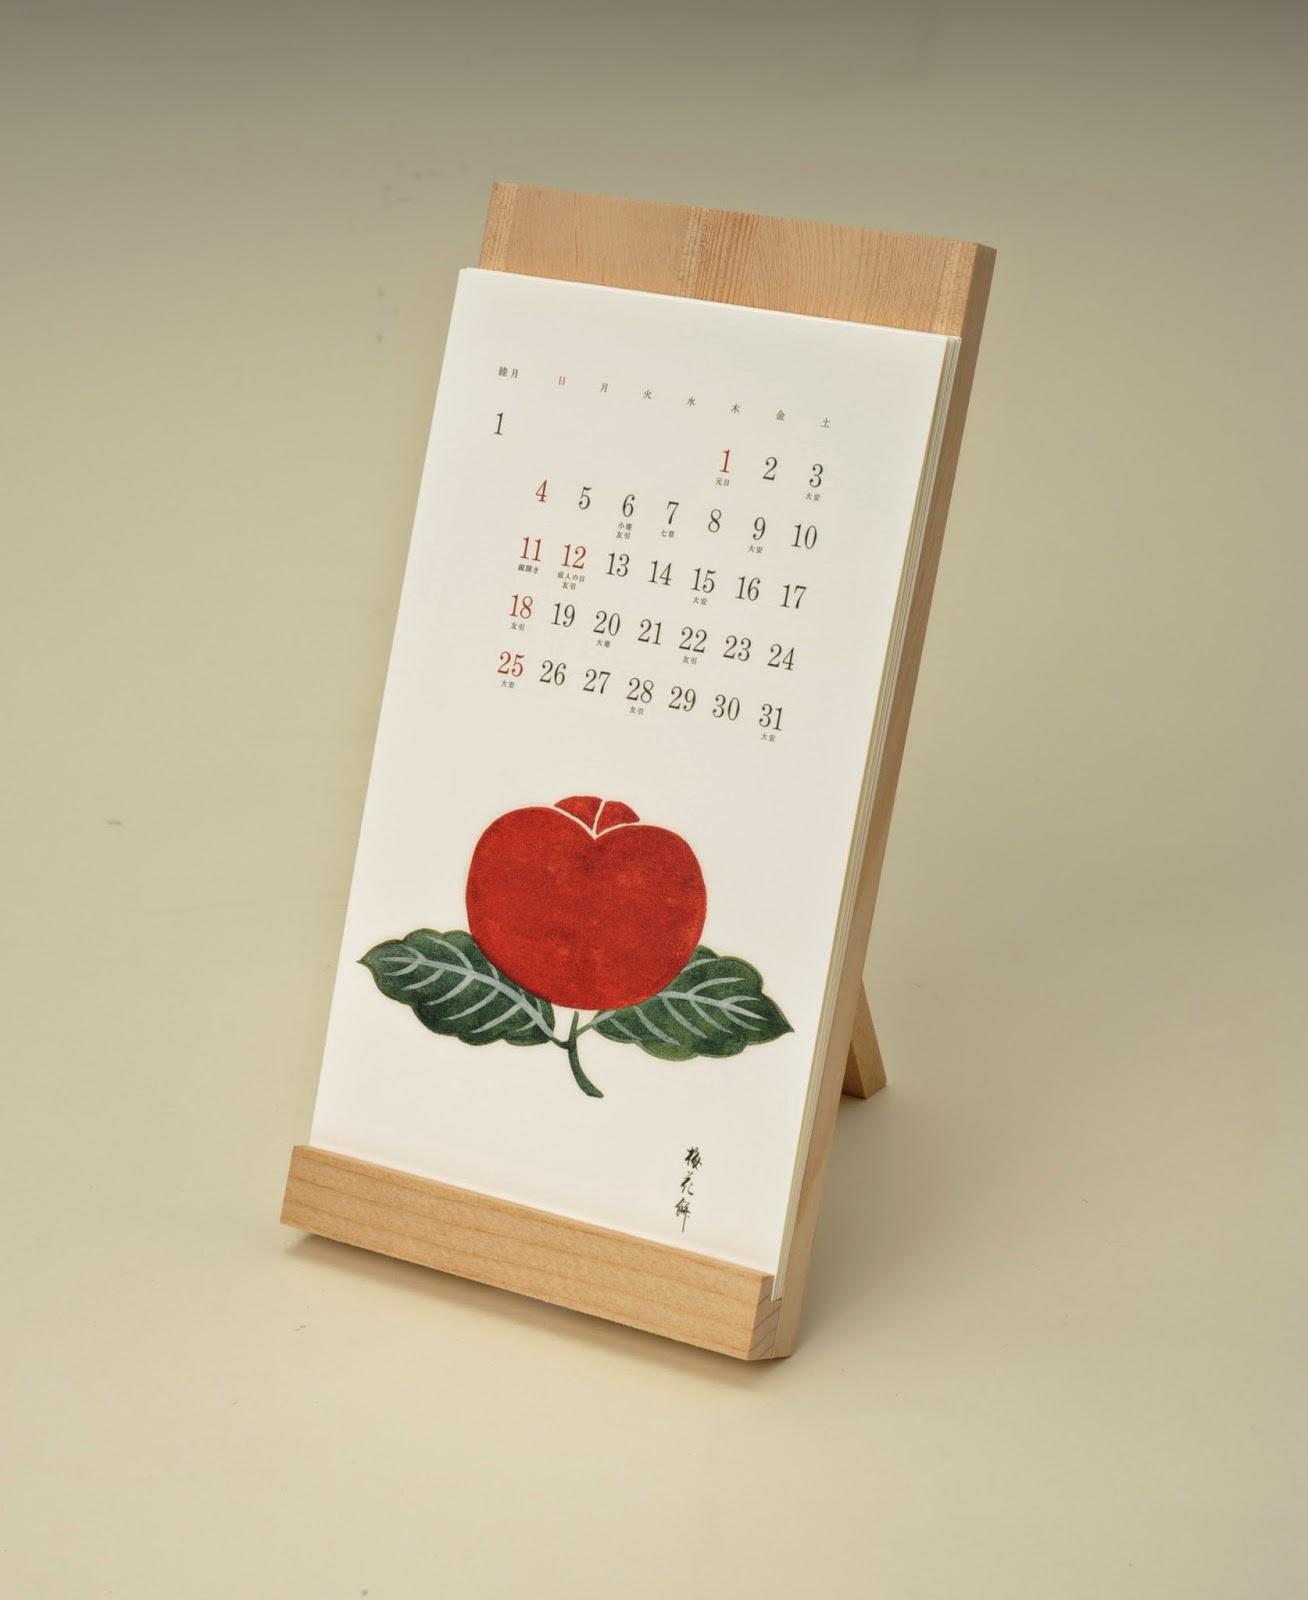 カレンダー カレンダー 2015 12ヶ月 : ... ブログ: とらやカレンダー2015